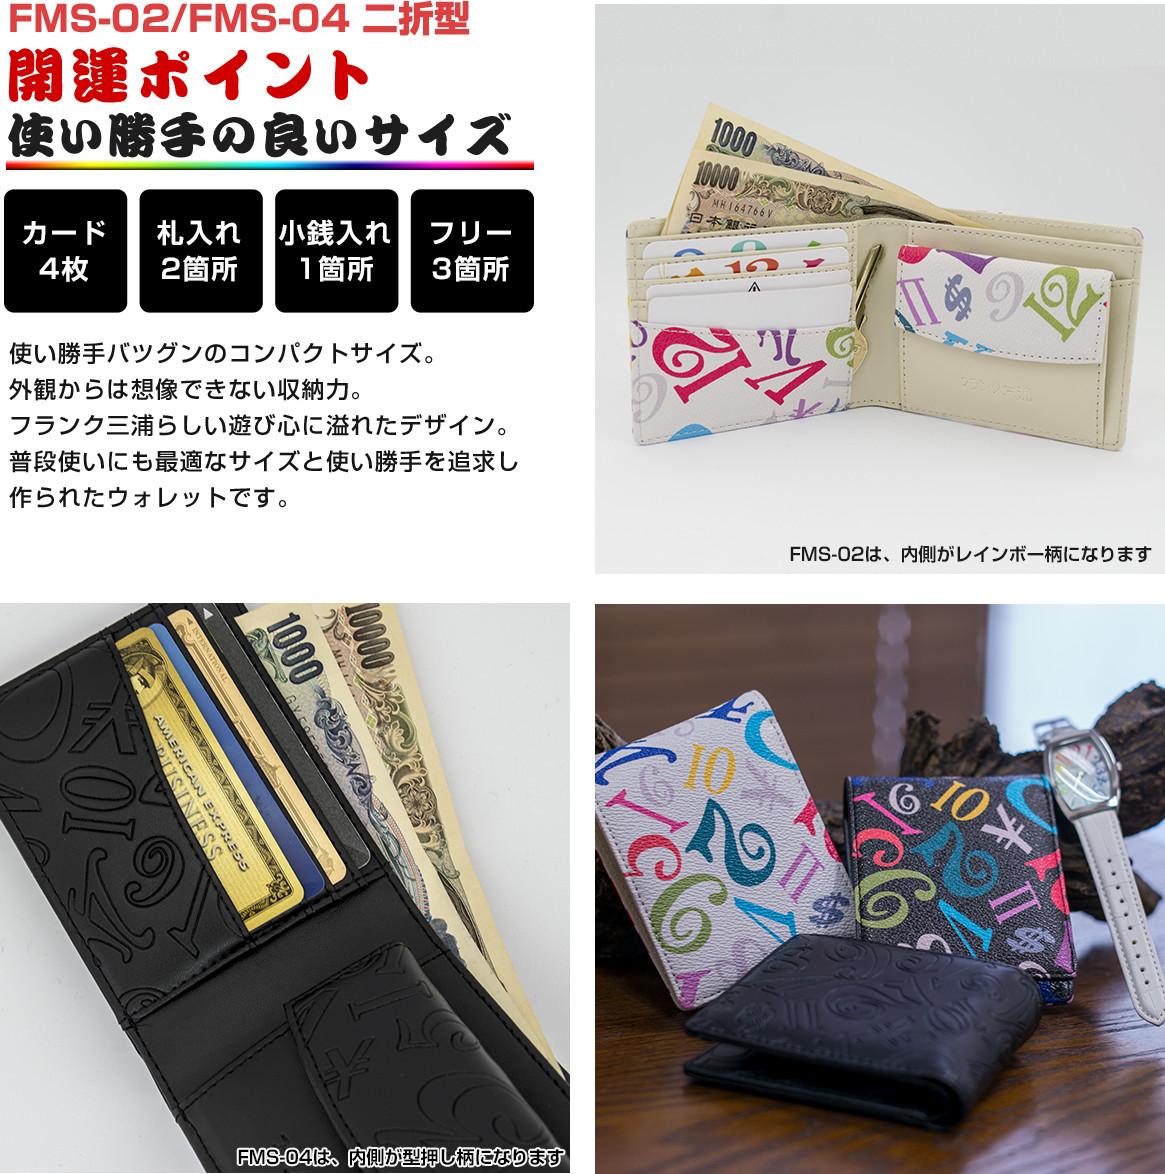 [フランク三浦] FMS02-CRW 奇跡の財布 メンズ レディース